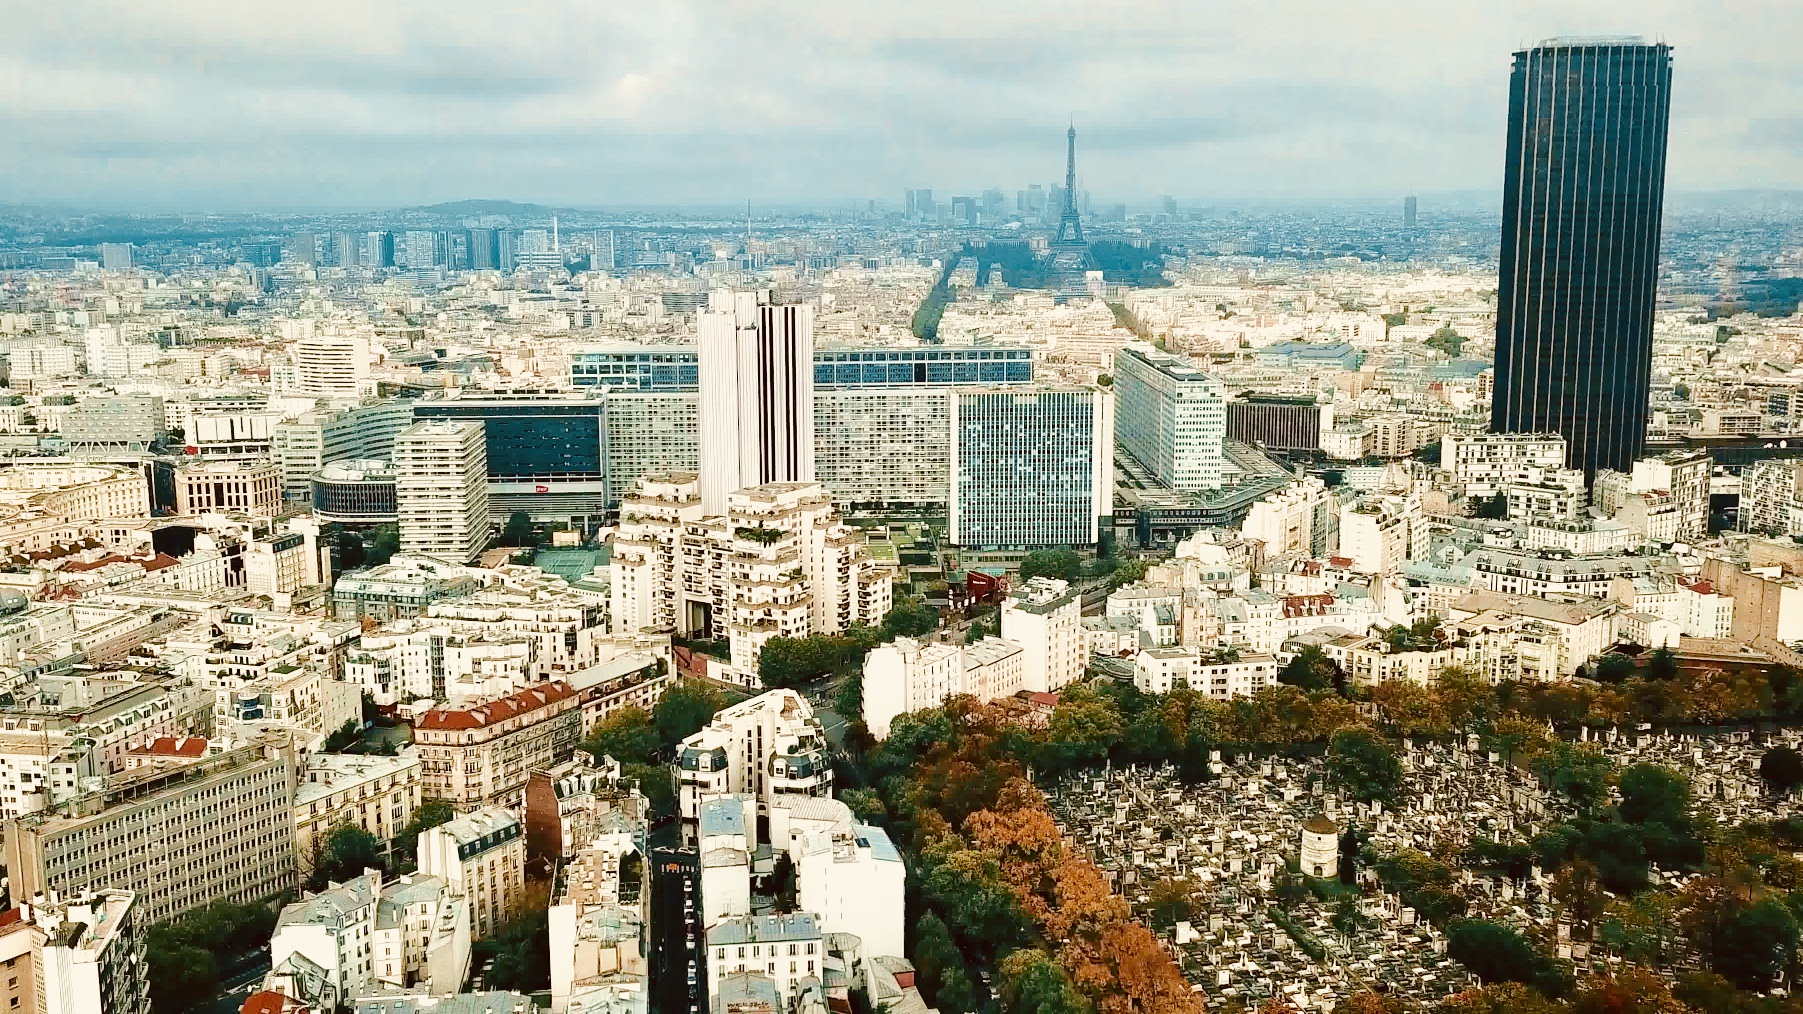 パリ・モンパルナス概要と観光の見どころ4選   MILAPS.net